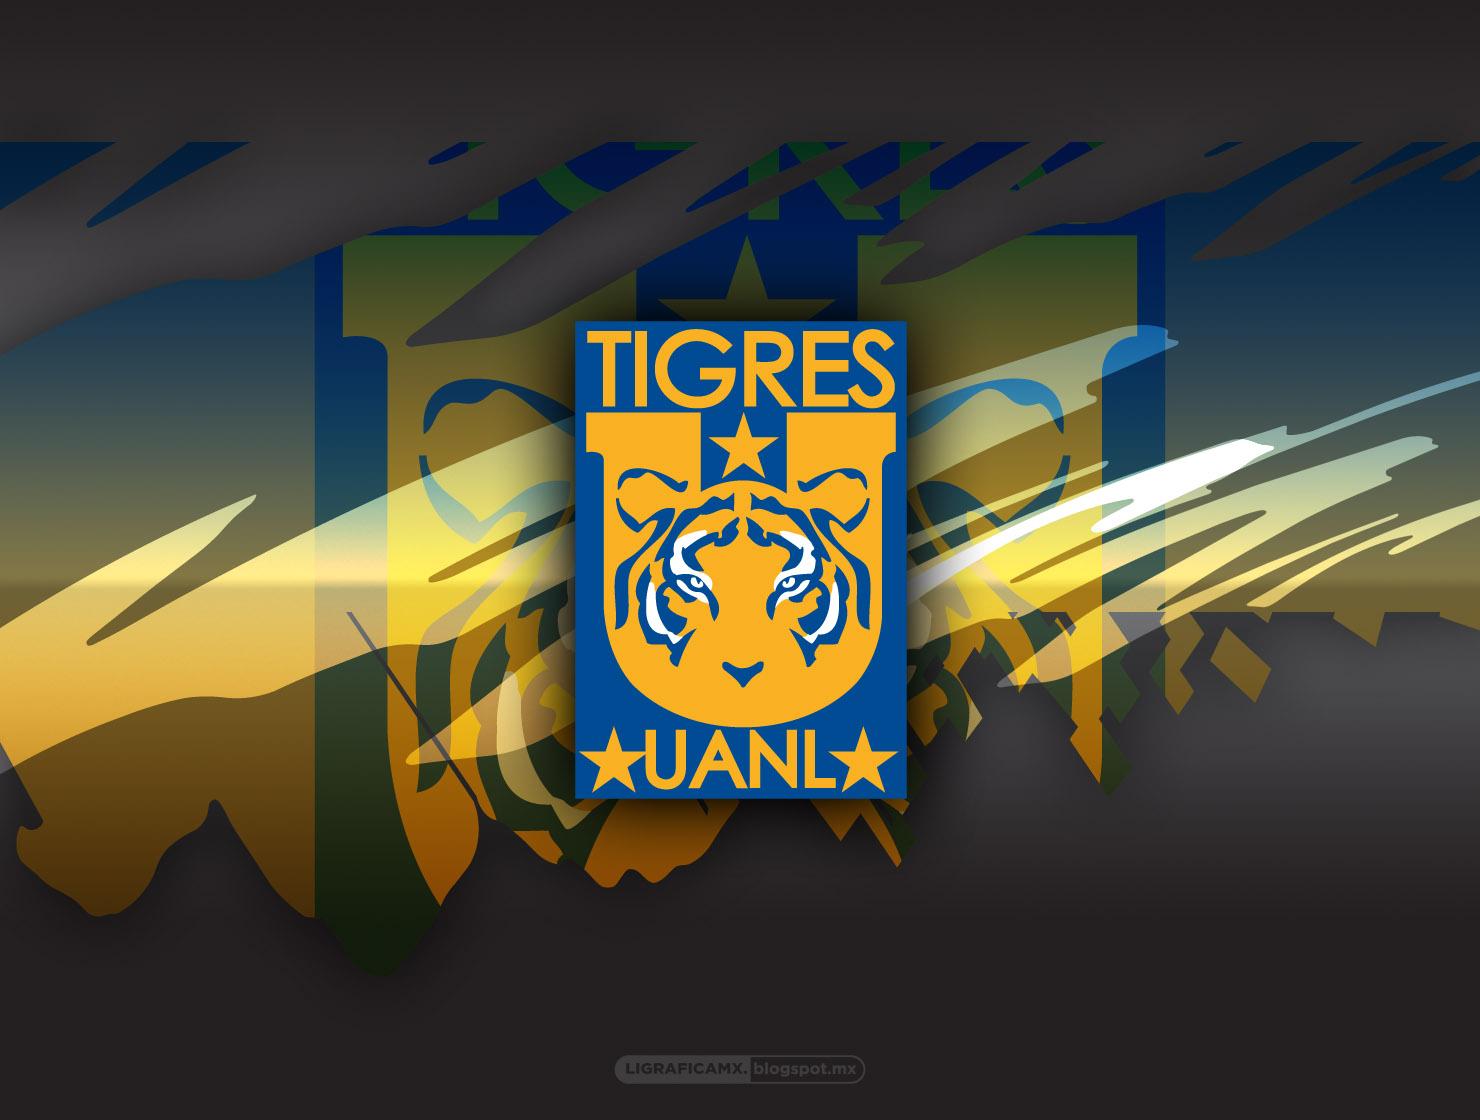 Imagenes De Los Tigres Uanl Imágenes Chidas